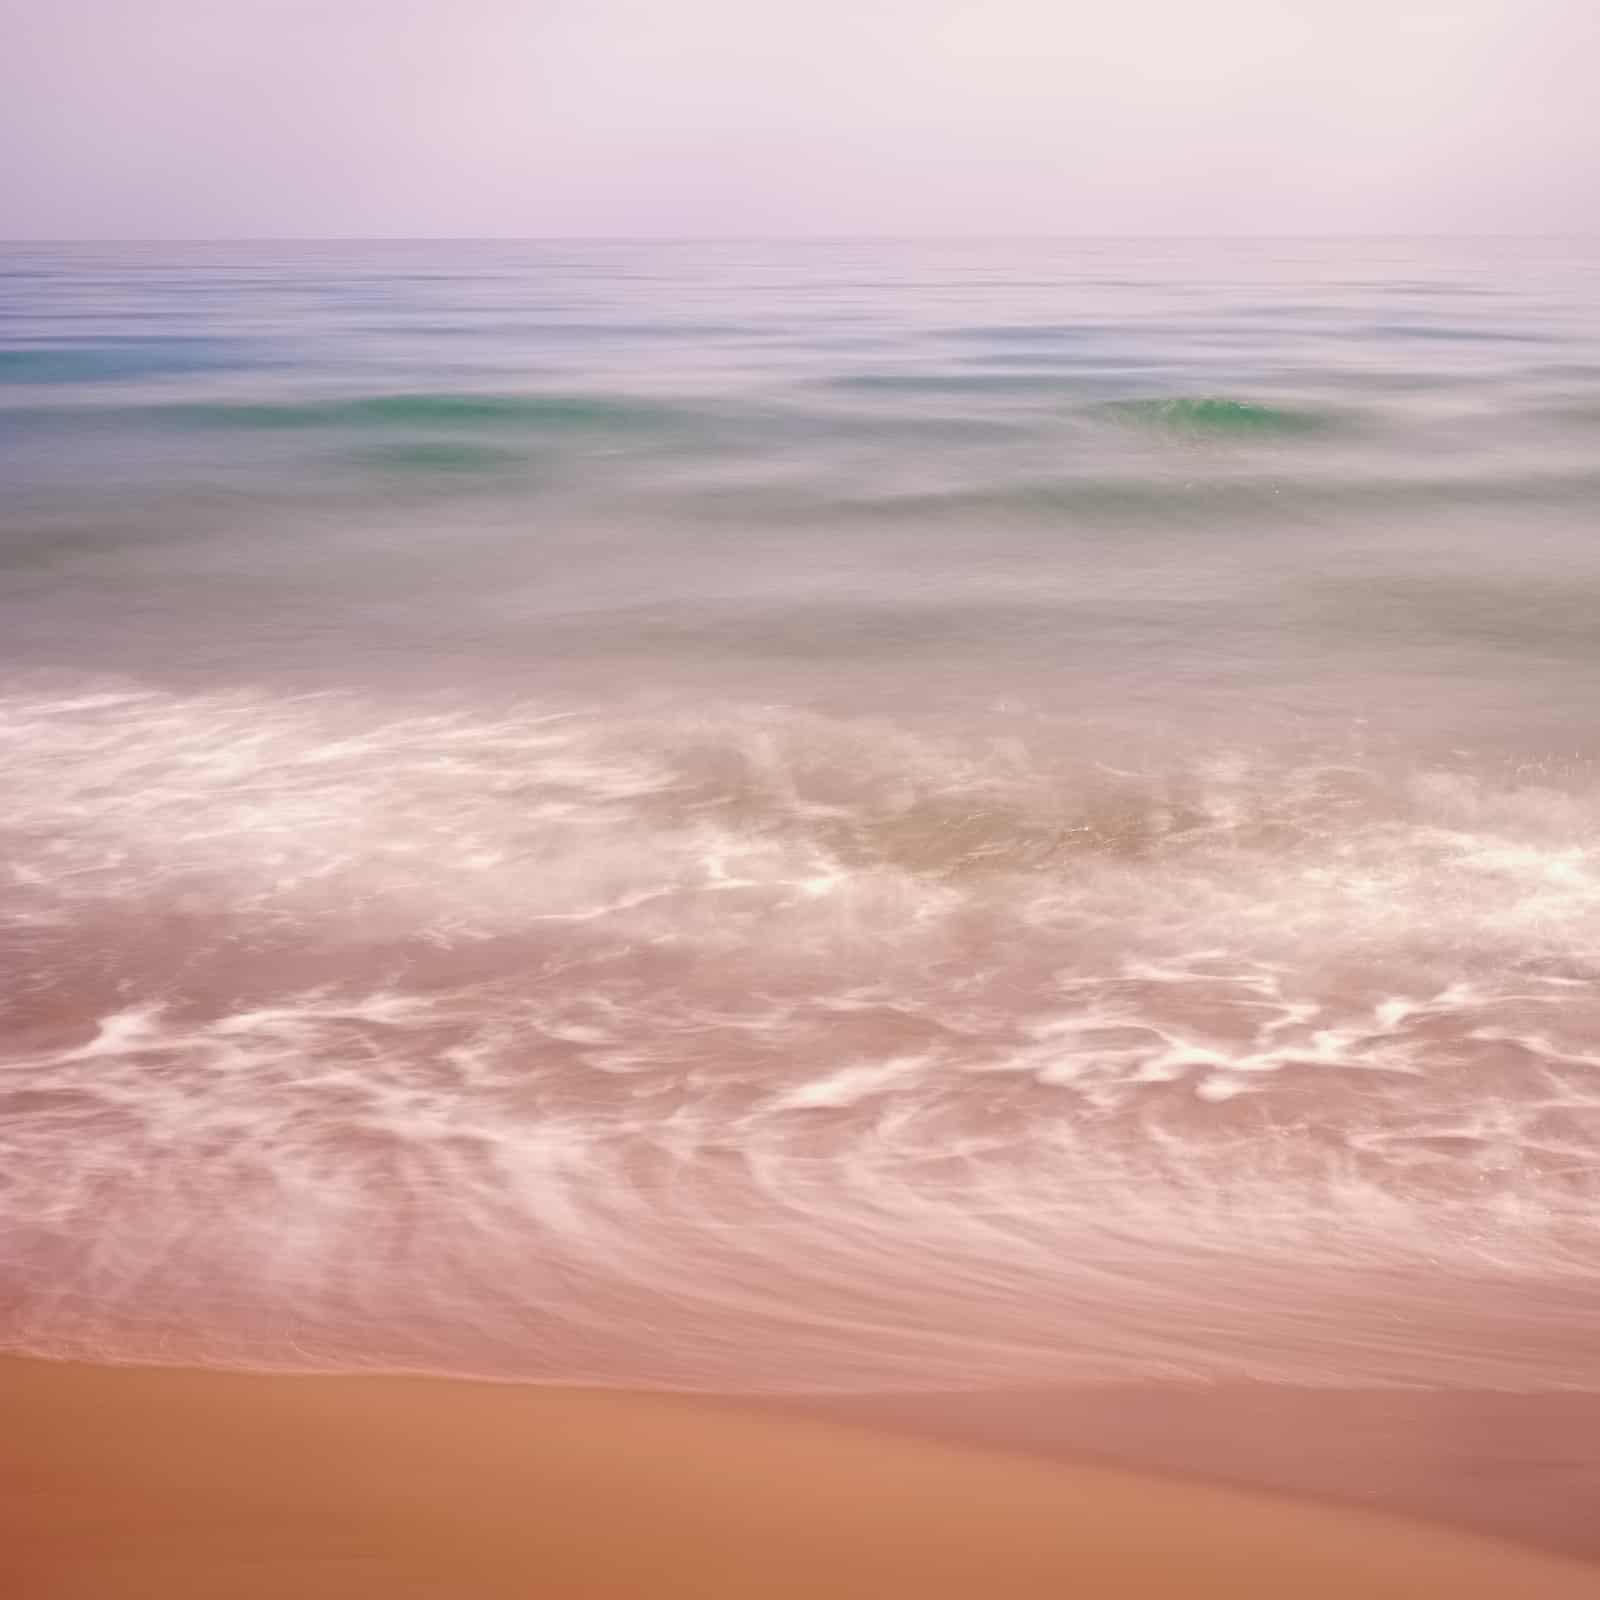 1529444422_Mediterraneo_nuestro